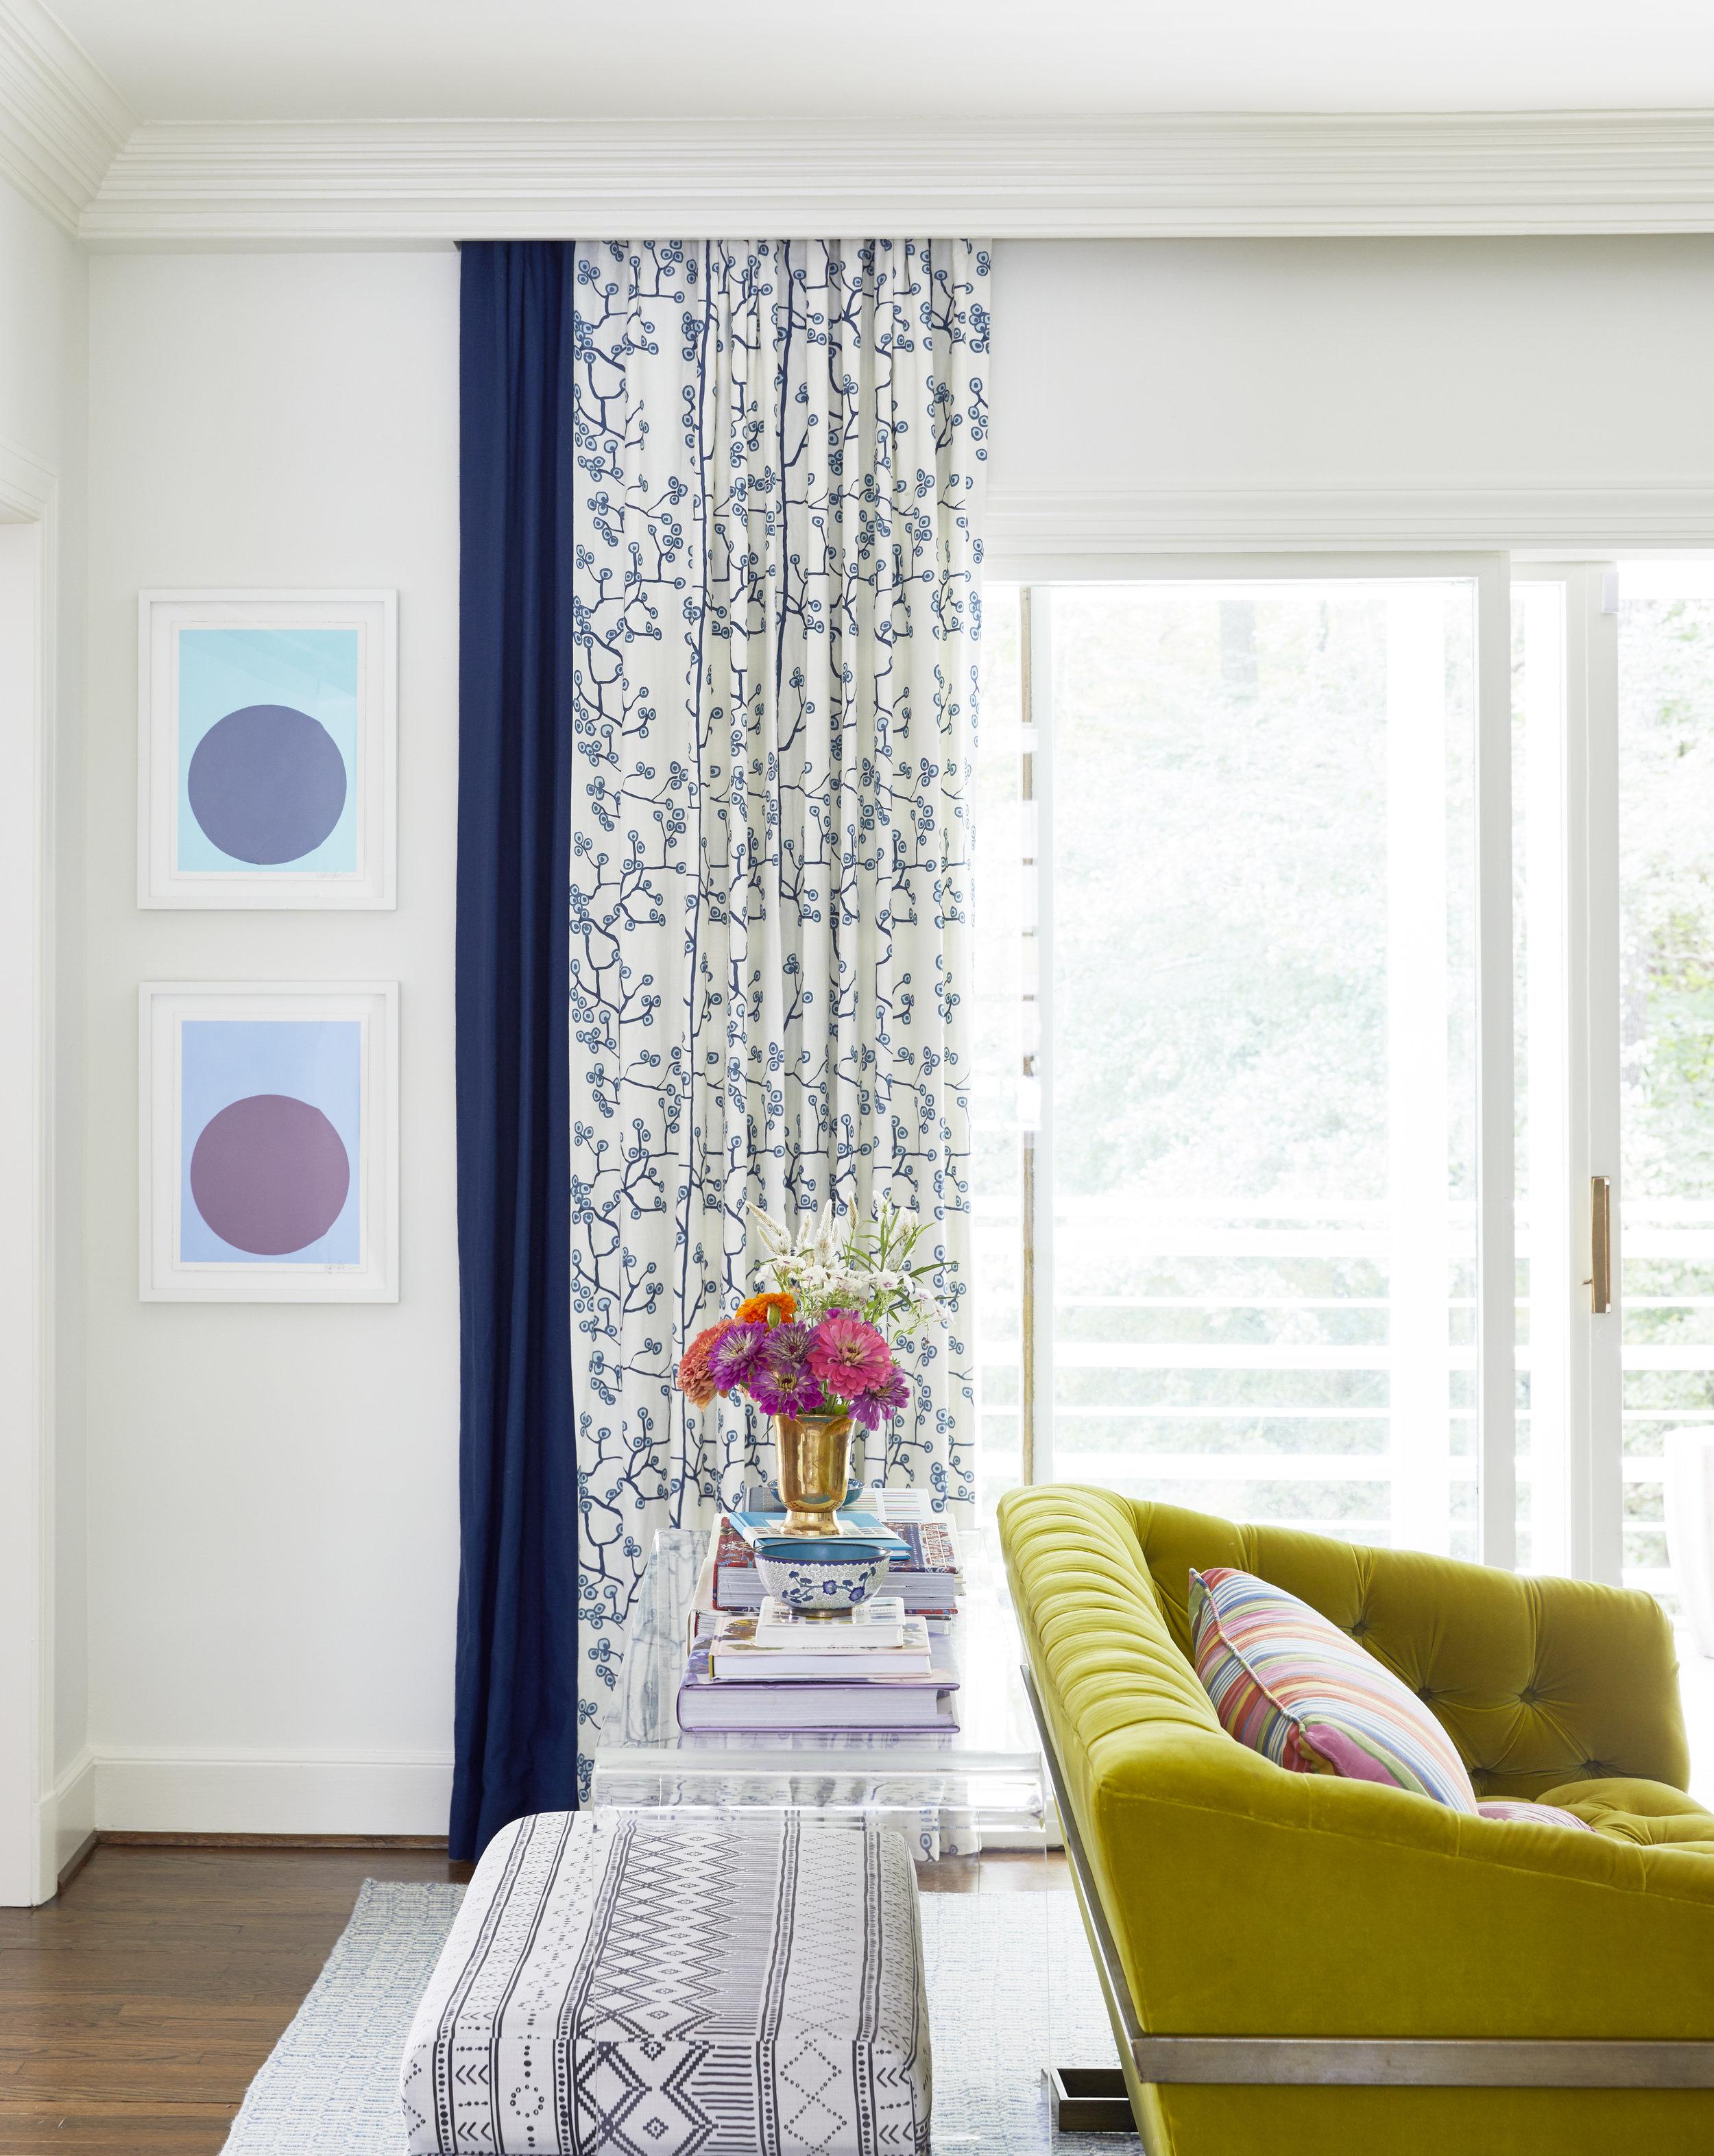 Speace_Living_Room_2.jpg